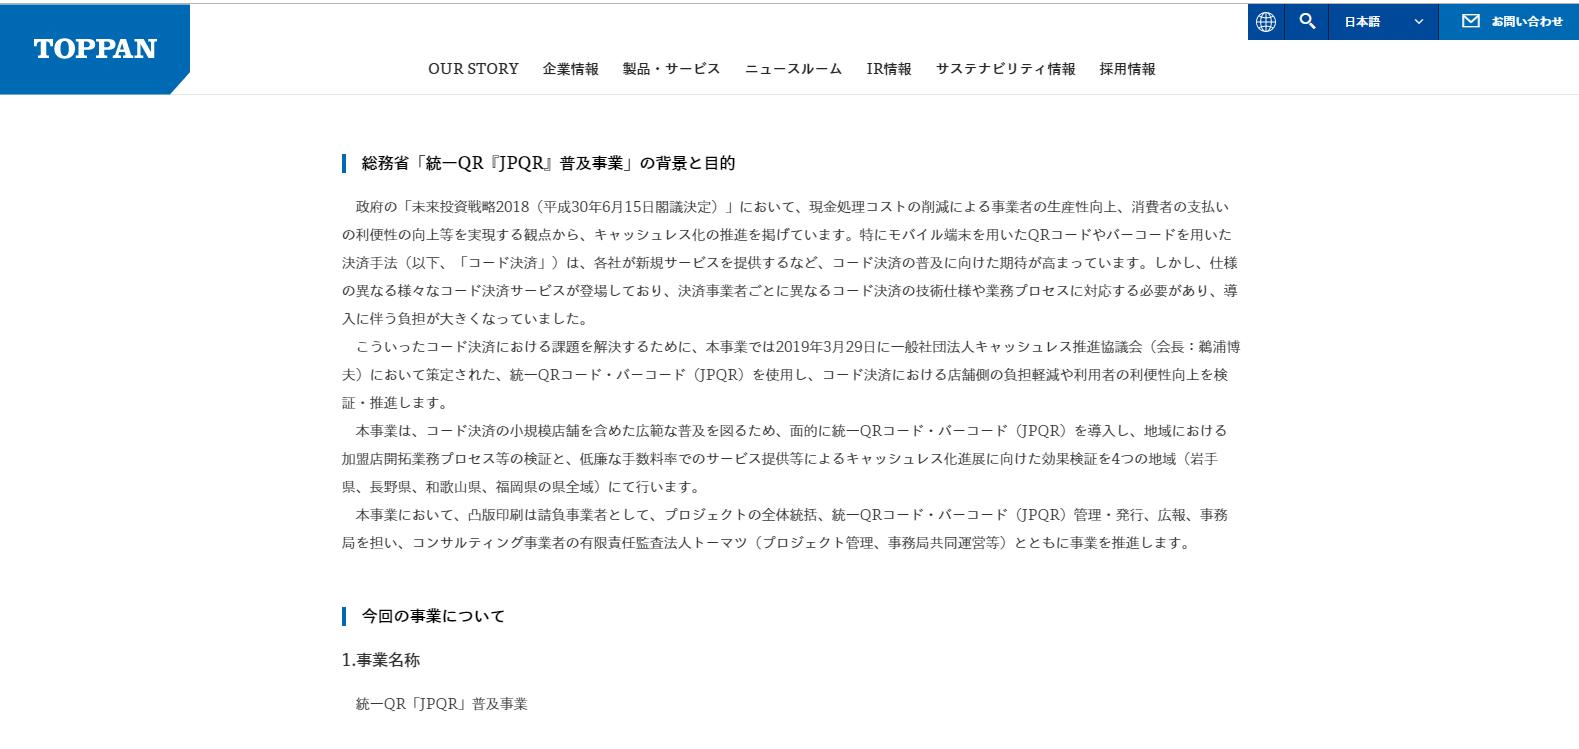 凸版印刷 統一QR「JPQR」普及事業を請負